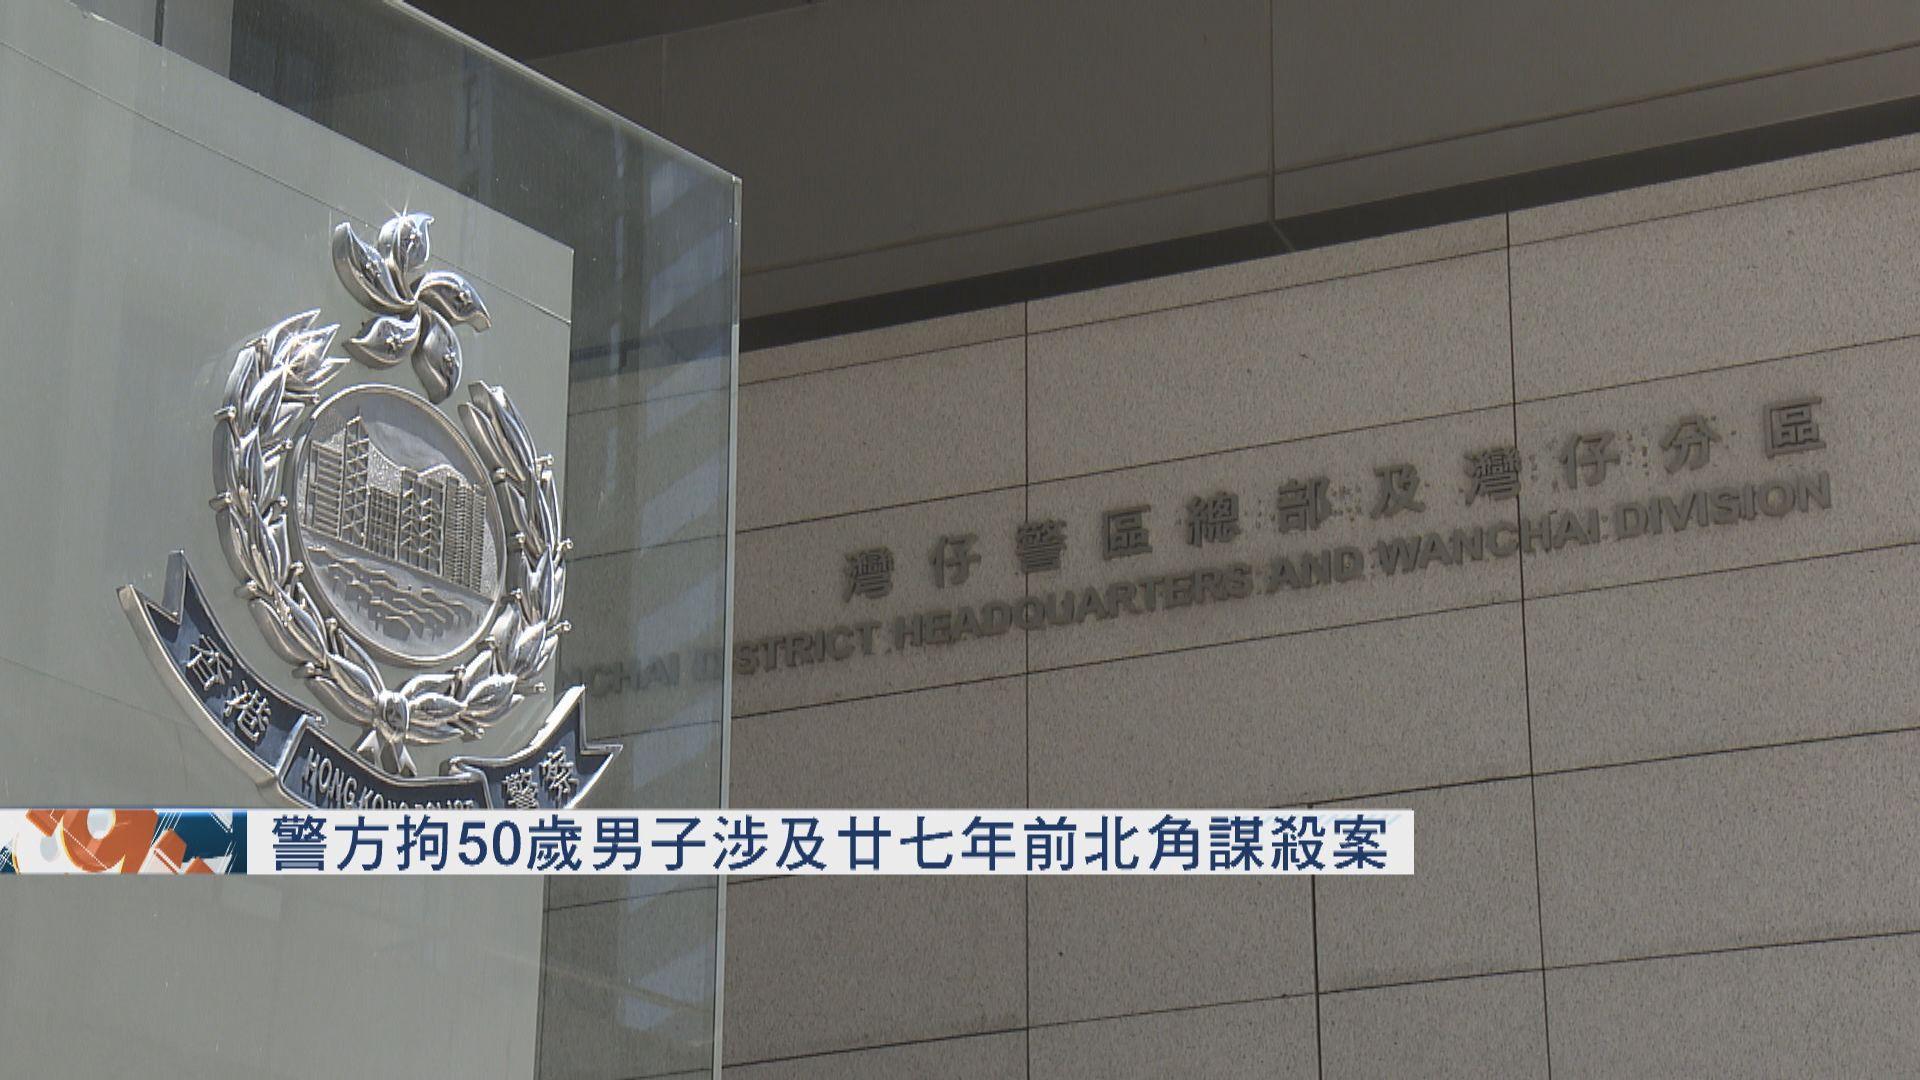 警方拘50歲男子涉及廿七年前北角謀殺案